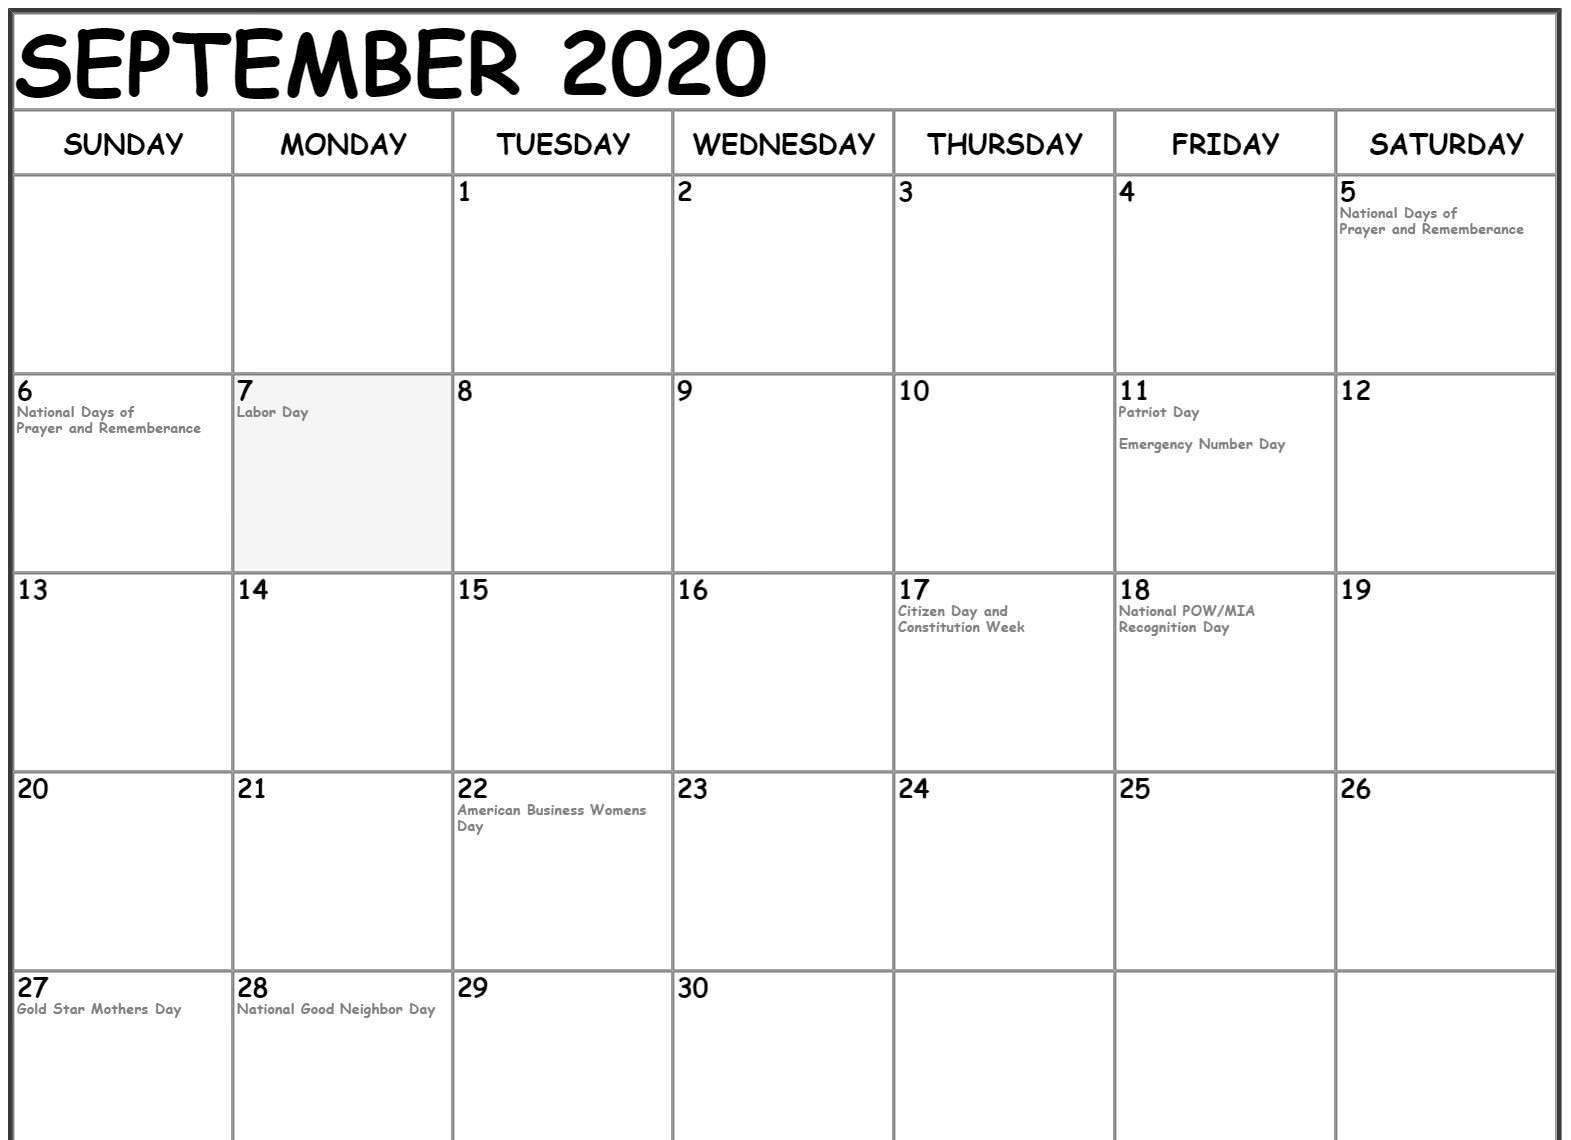 September 2020 Calendar With Holidays Canada